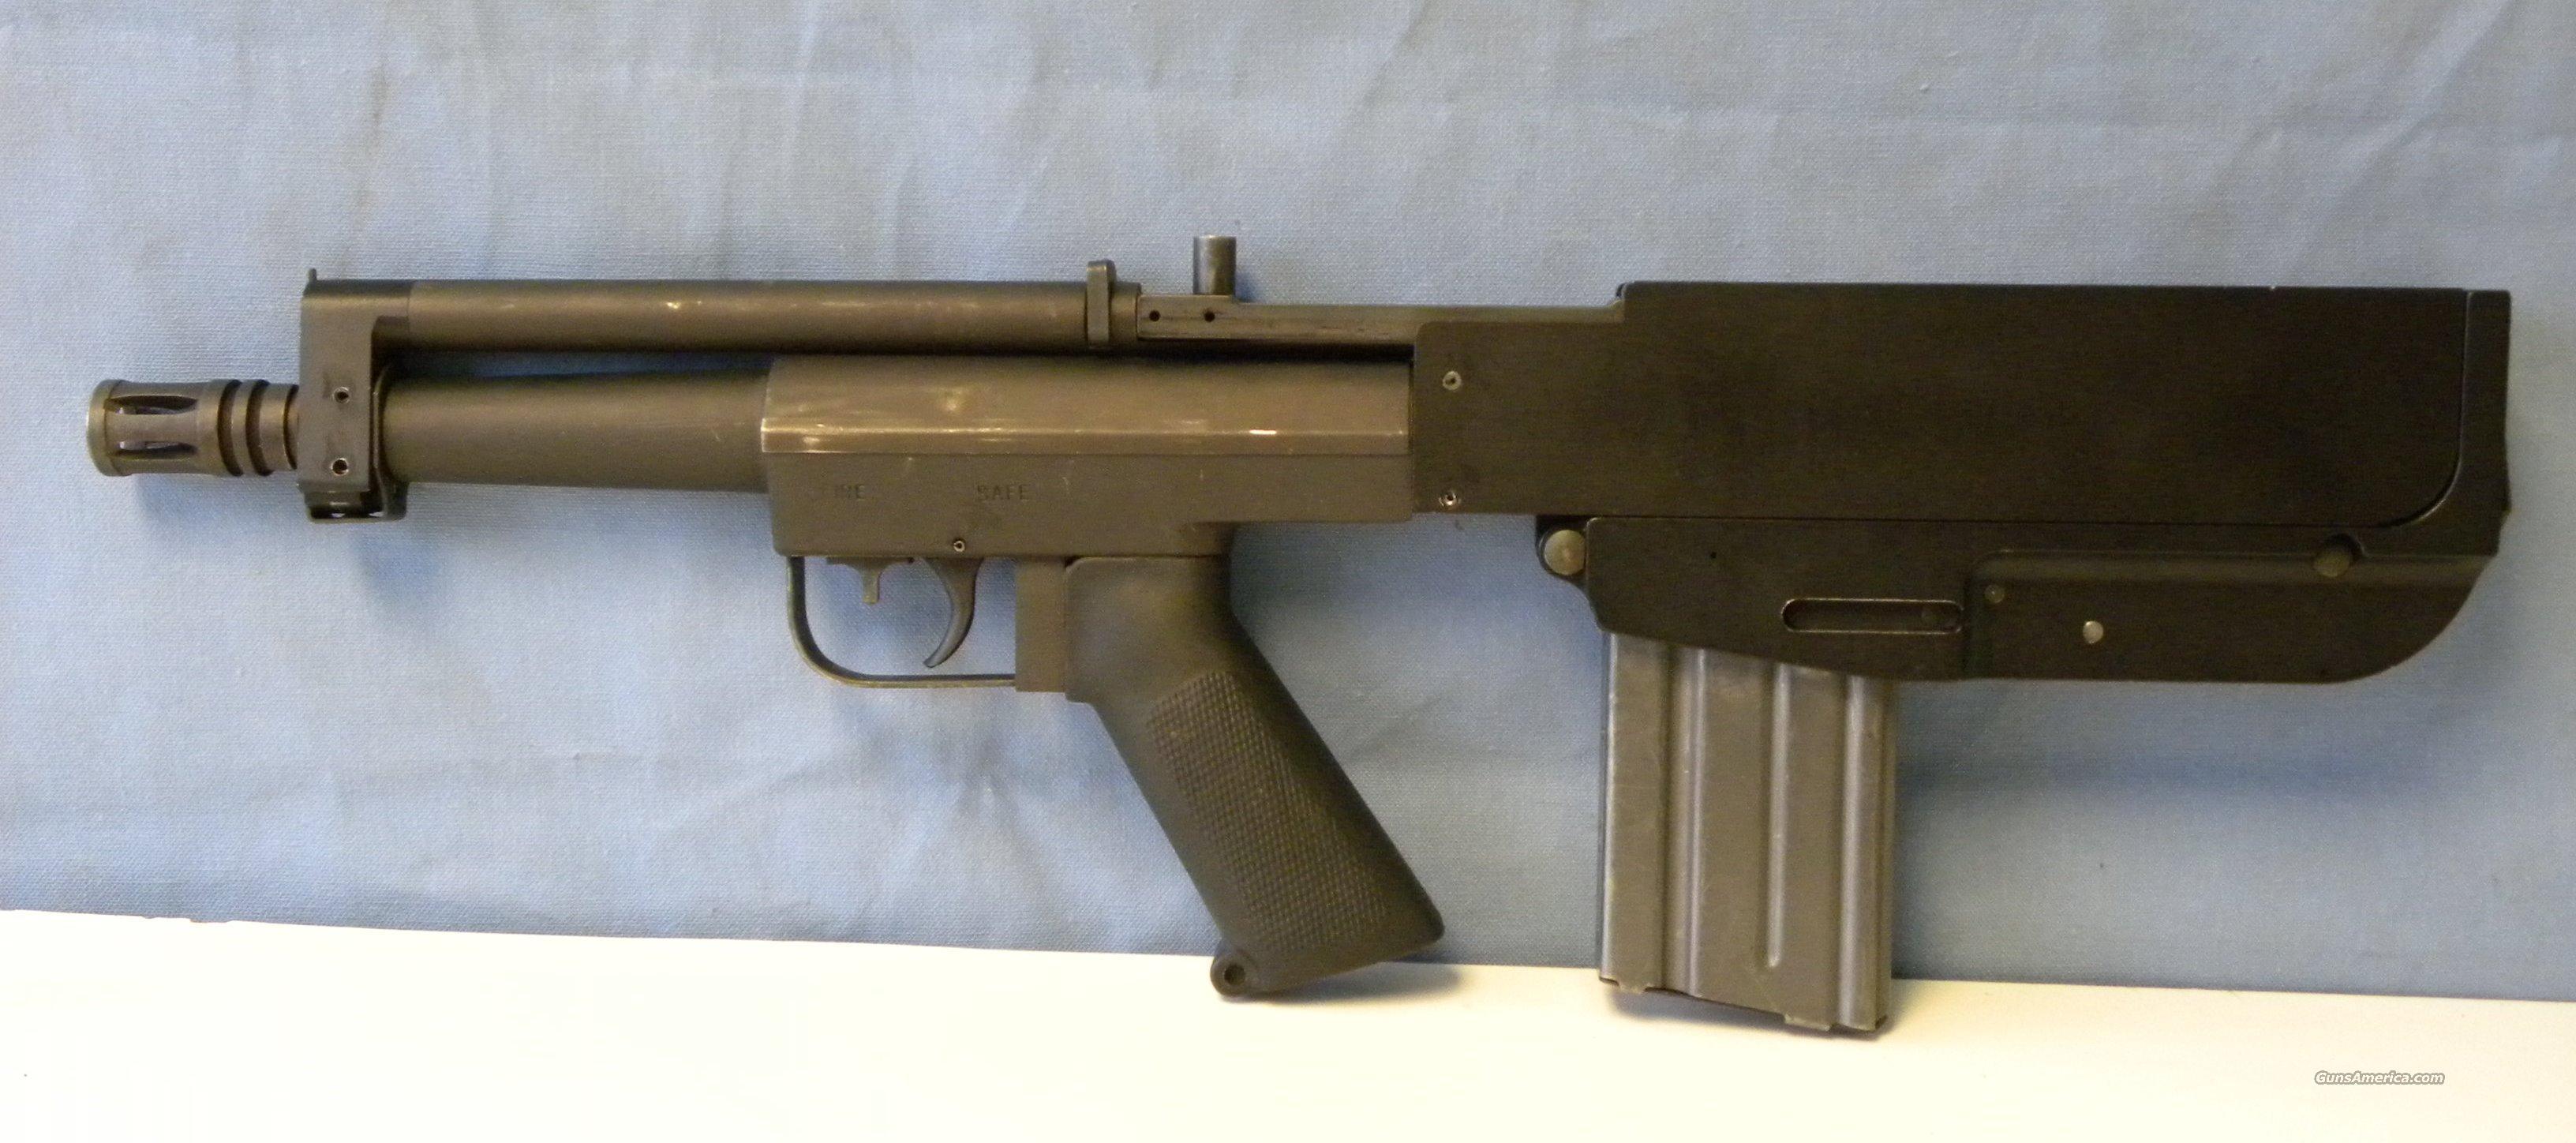 Gwinn Firearms Bushmaster Pistol 5.56 NATO For Sale